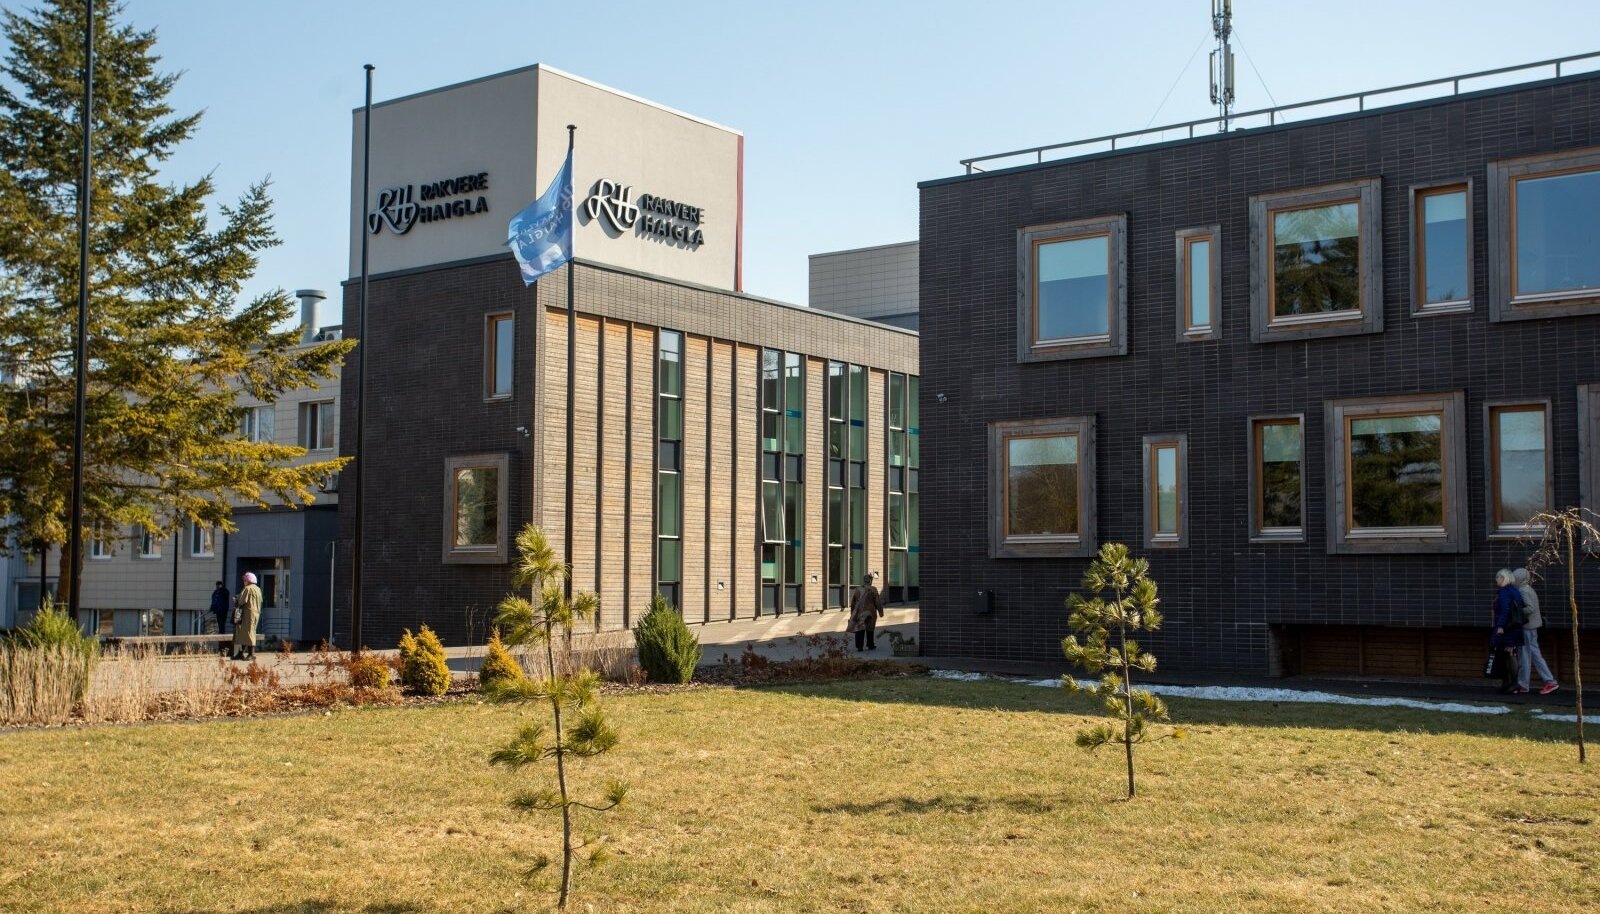 Rakvere haigla sisehaiguste osakond on kinni kuu aega, kuniks arst tööle naaseb.